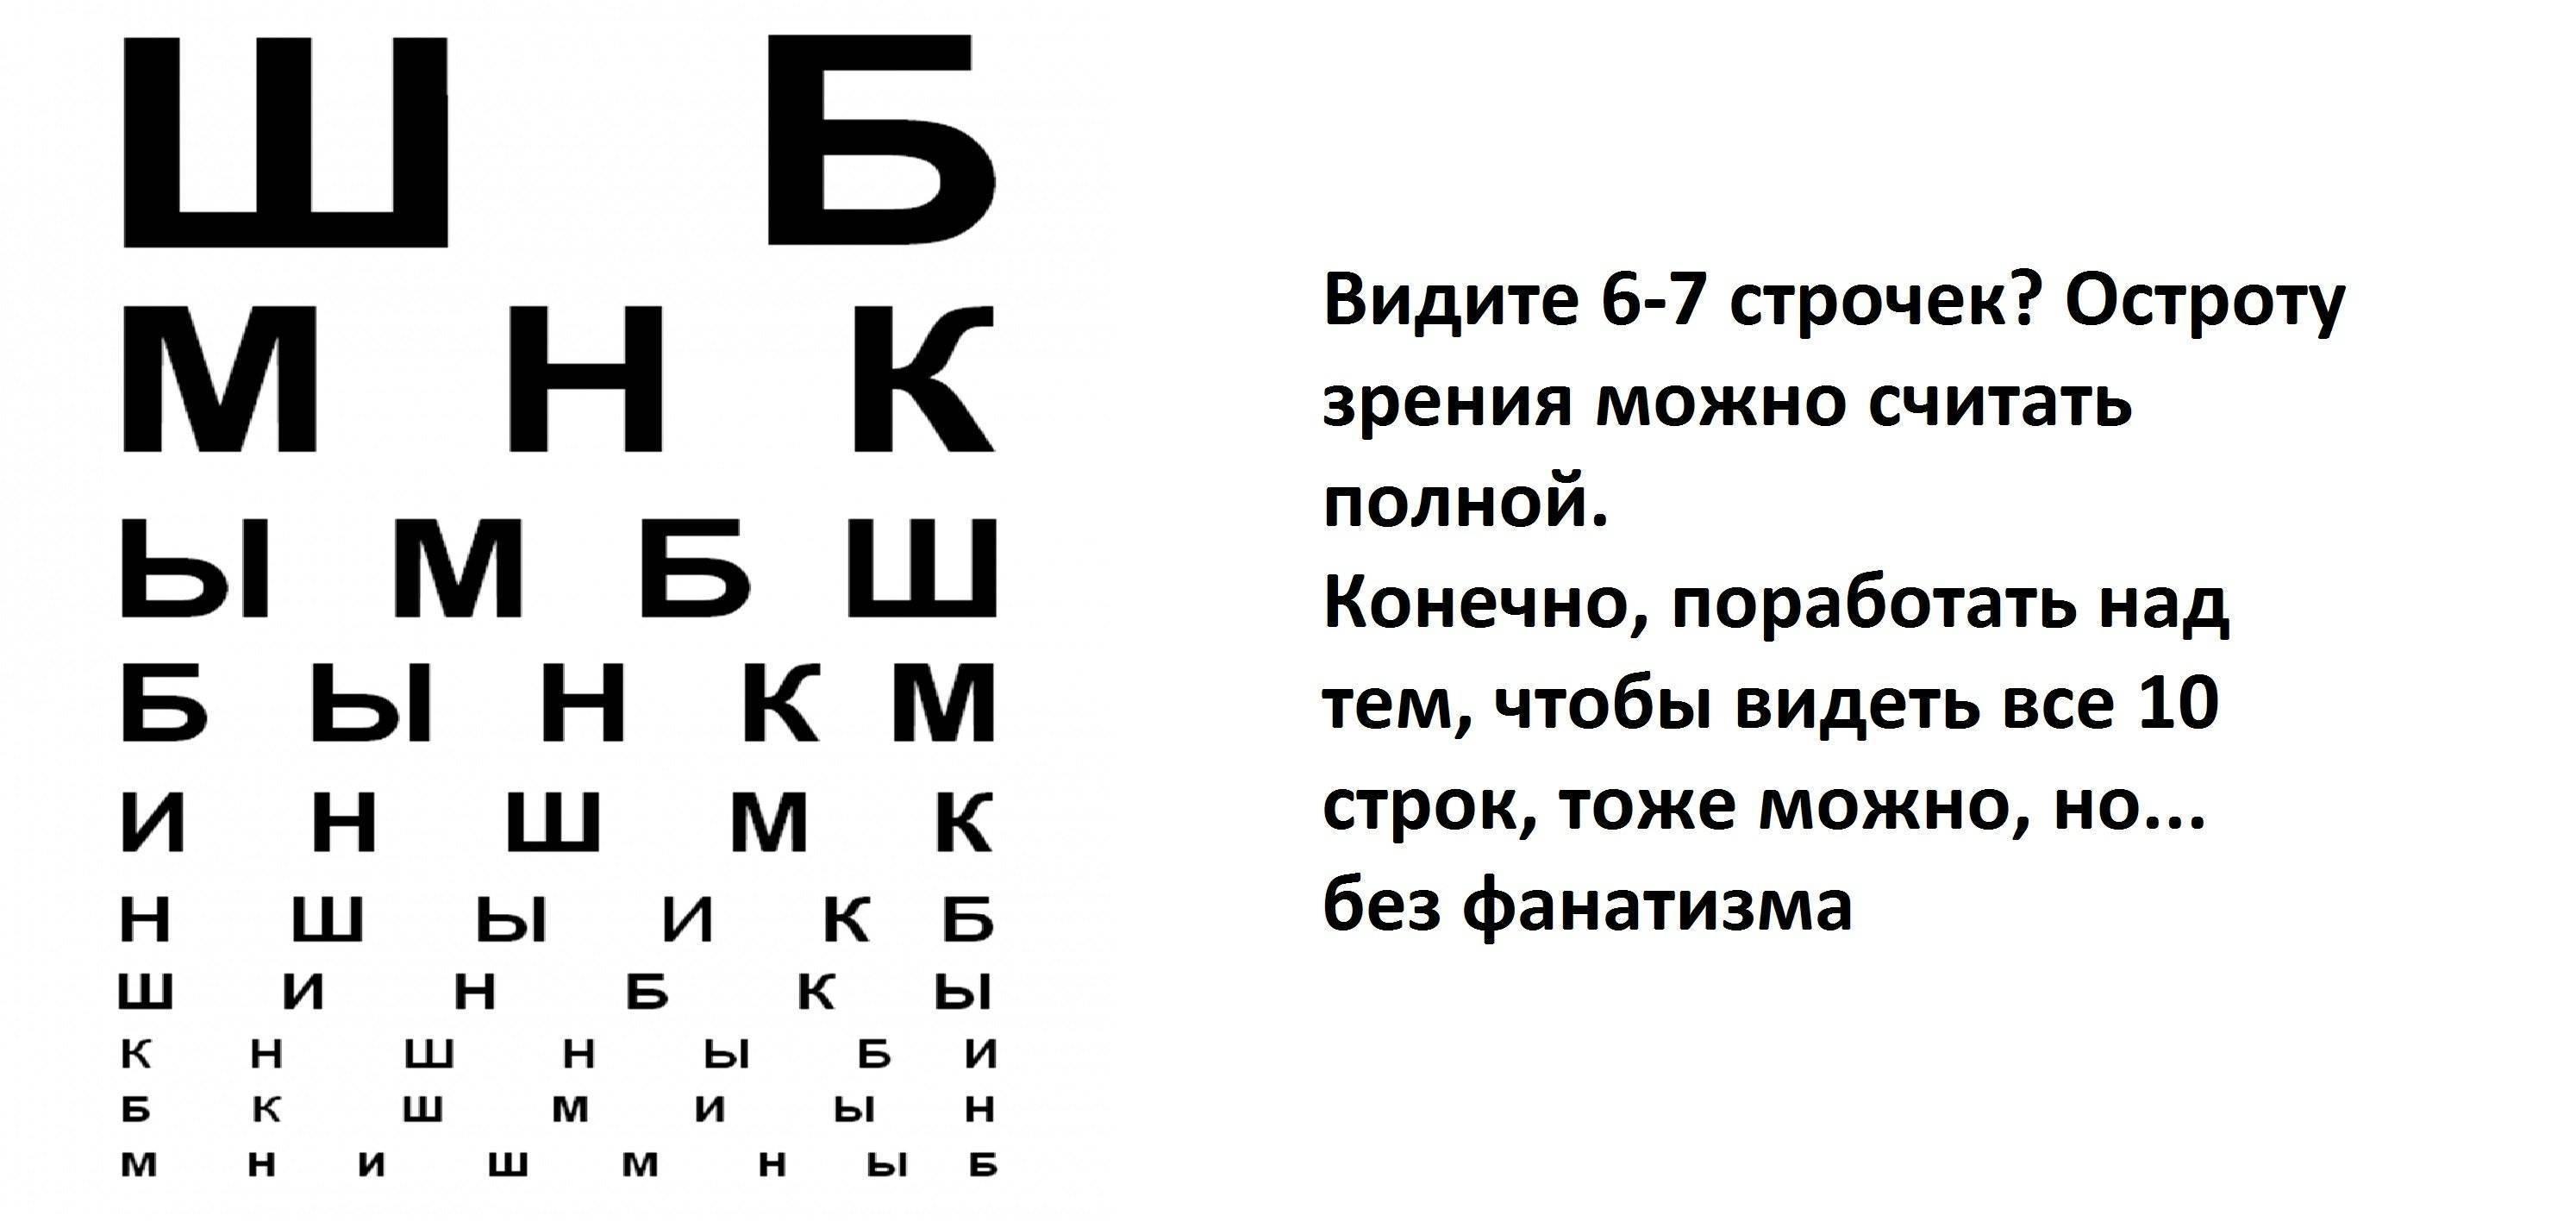 Как можно проверить зрение у ребенка в домашних условиях. проверить зрение ребенку в каком возрасте проверяют зрение у детей